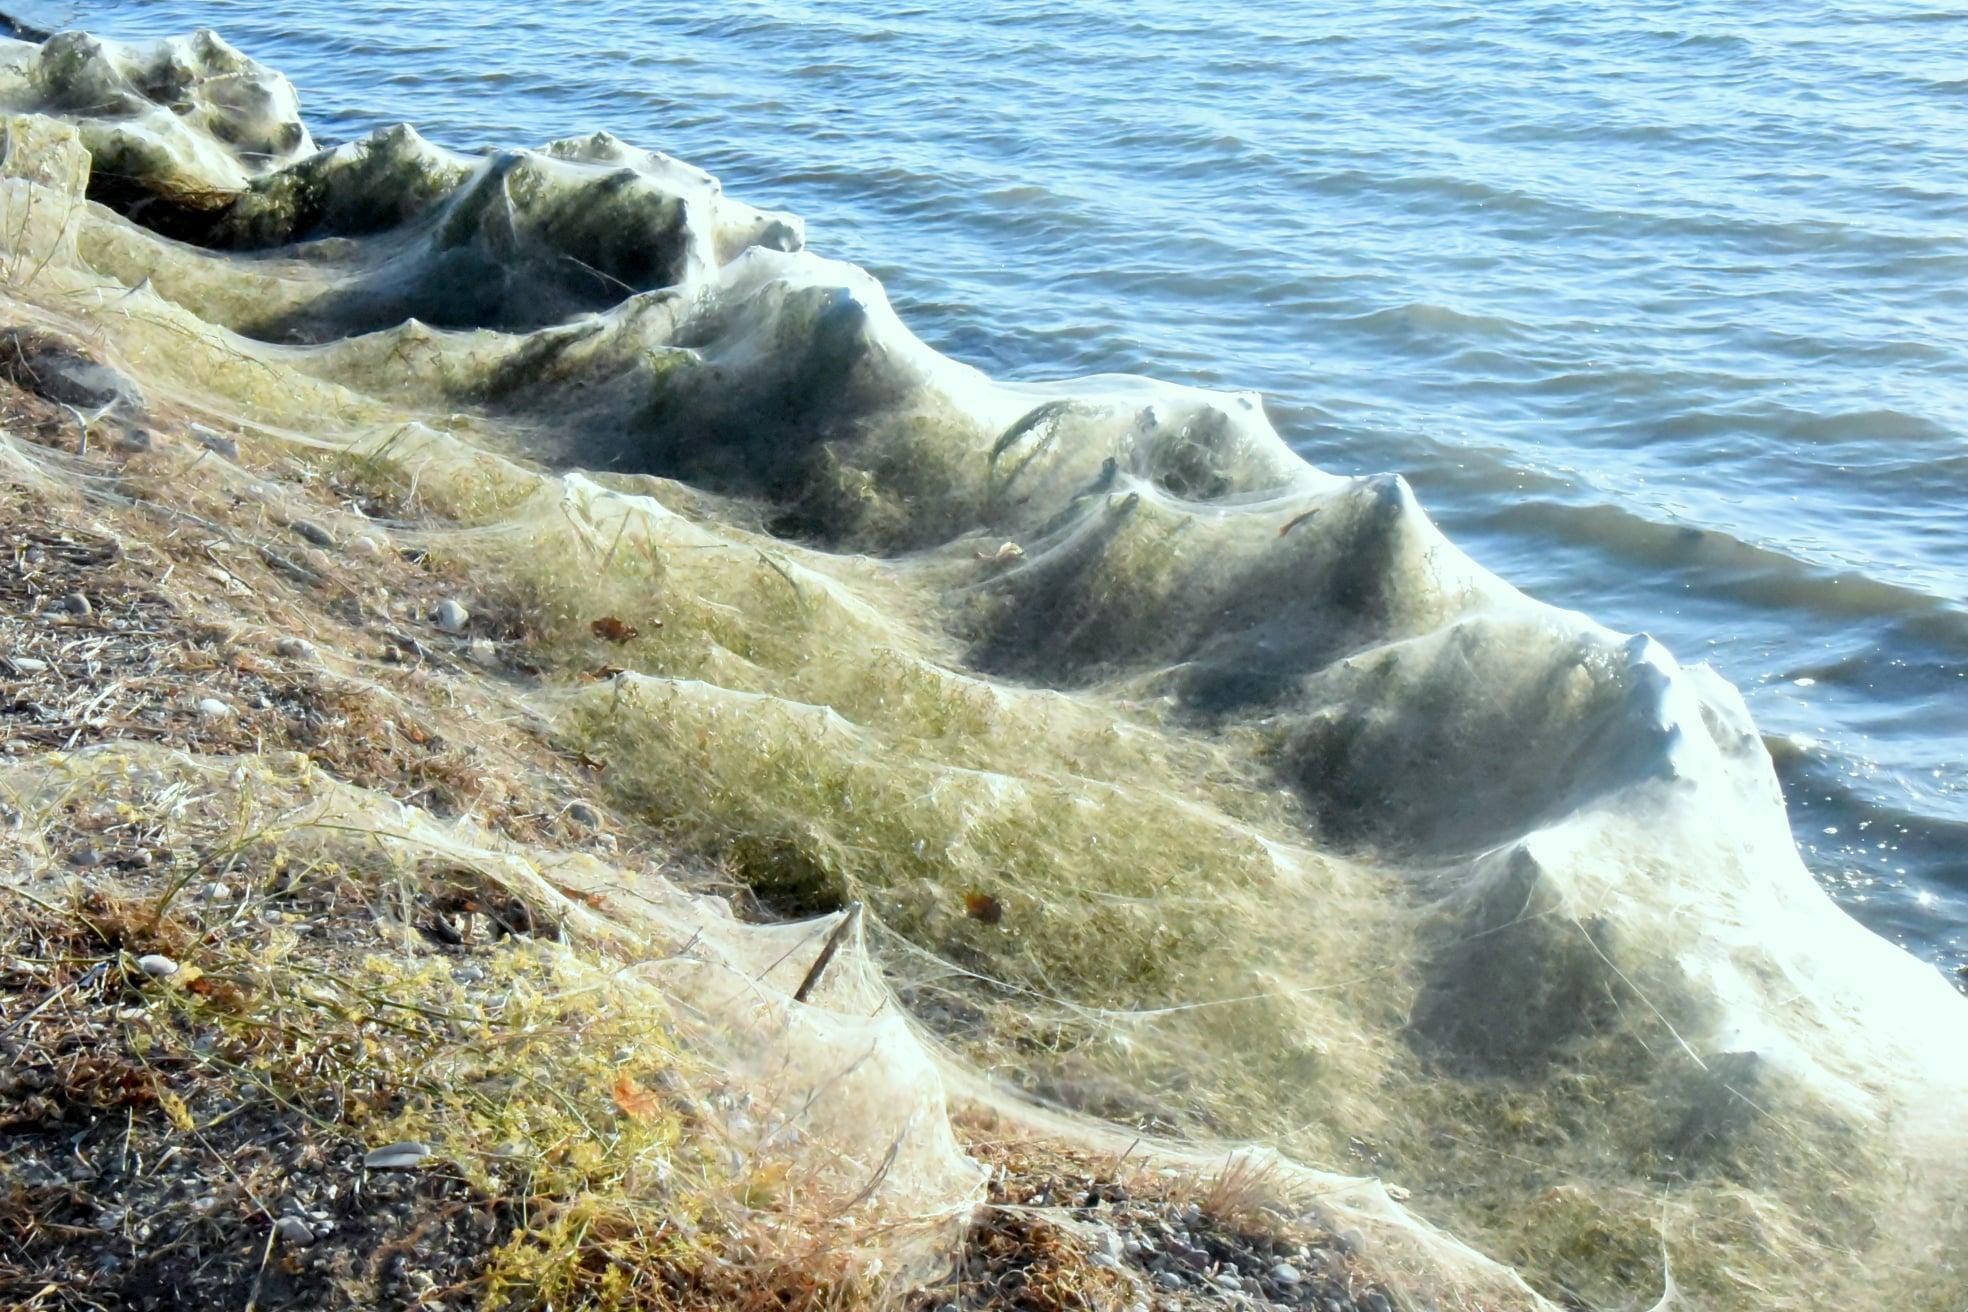 Αιτωλικό: Ιστοί από αράχνες σκέπασαν τα πάντα στη λιμνοθάλασσα! Εντυπωσιακές και απόκοσμες εικόνες